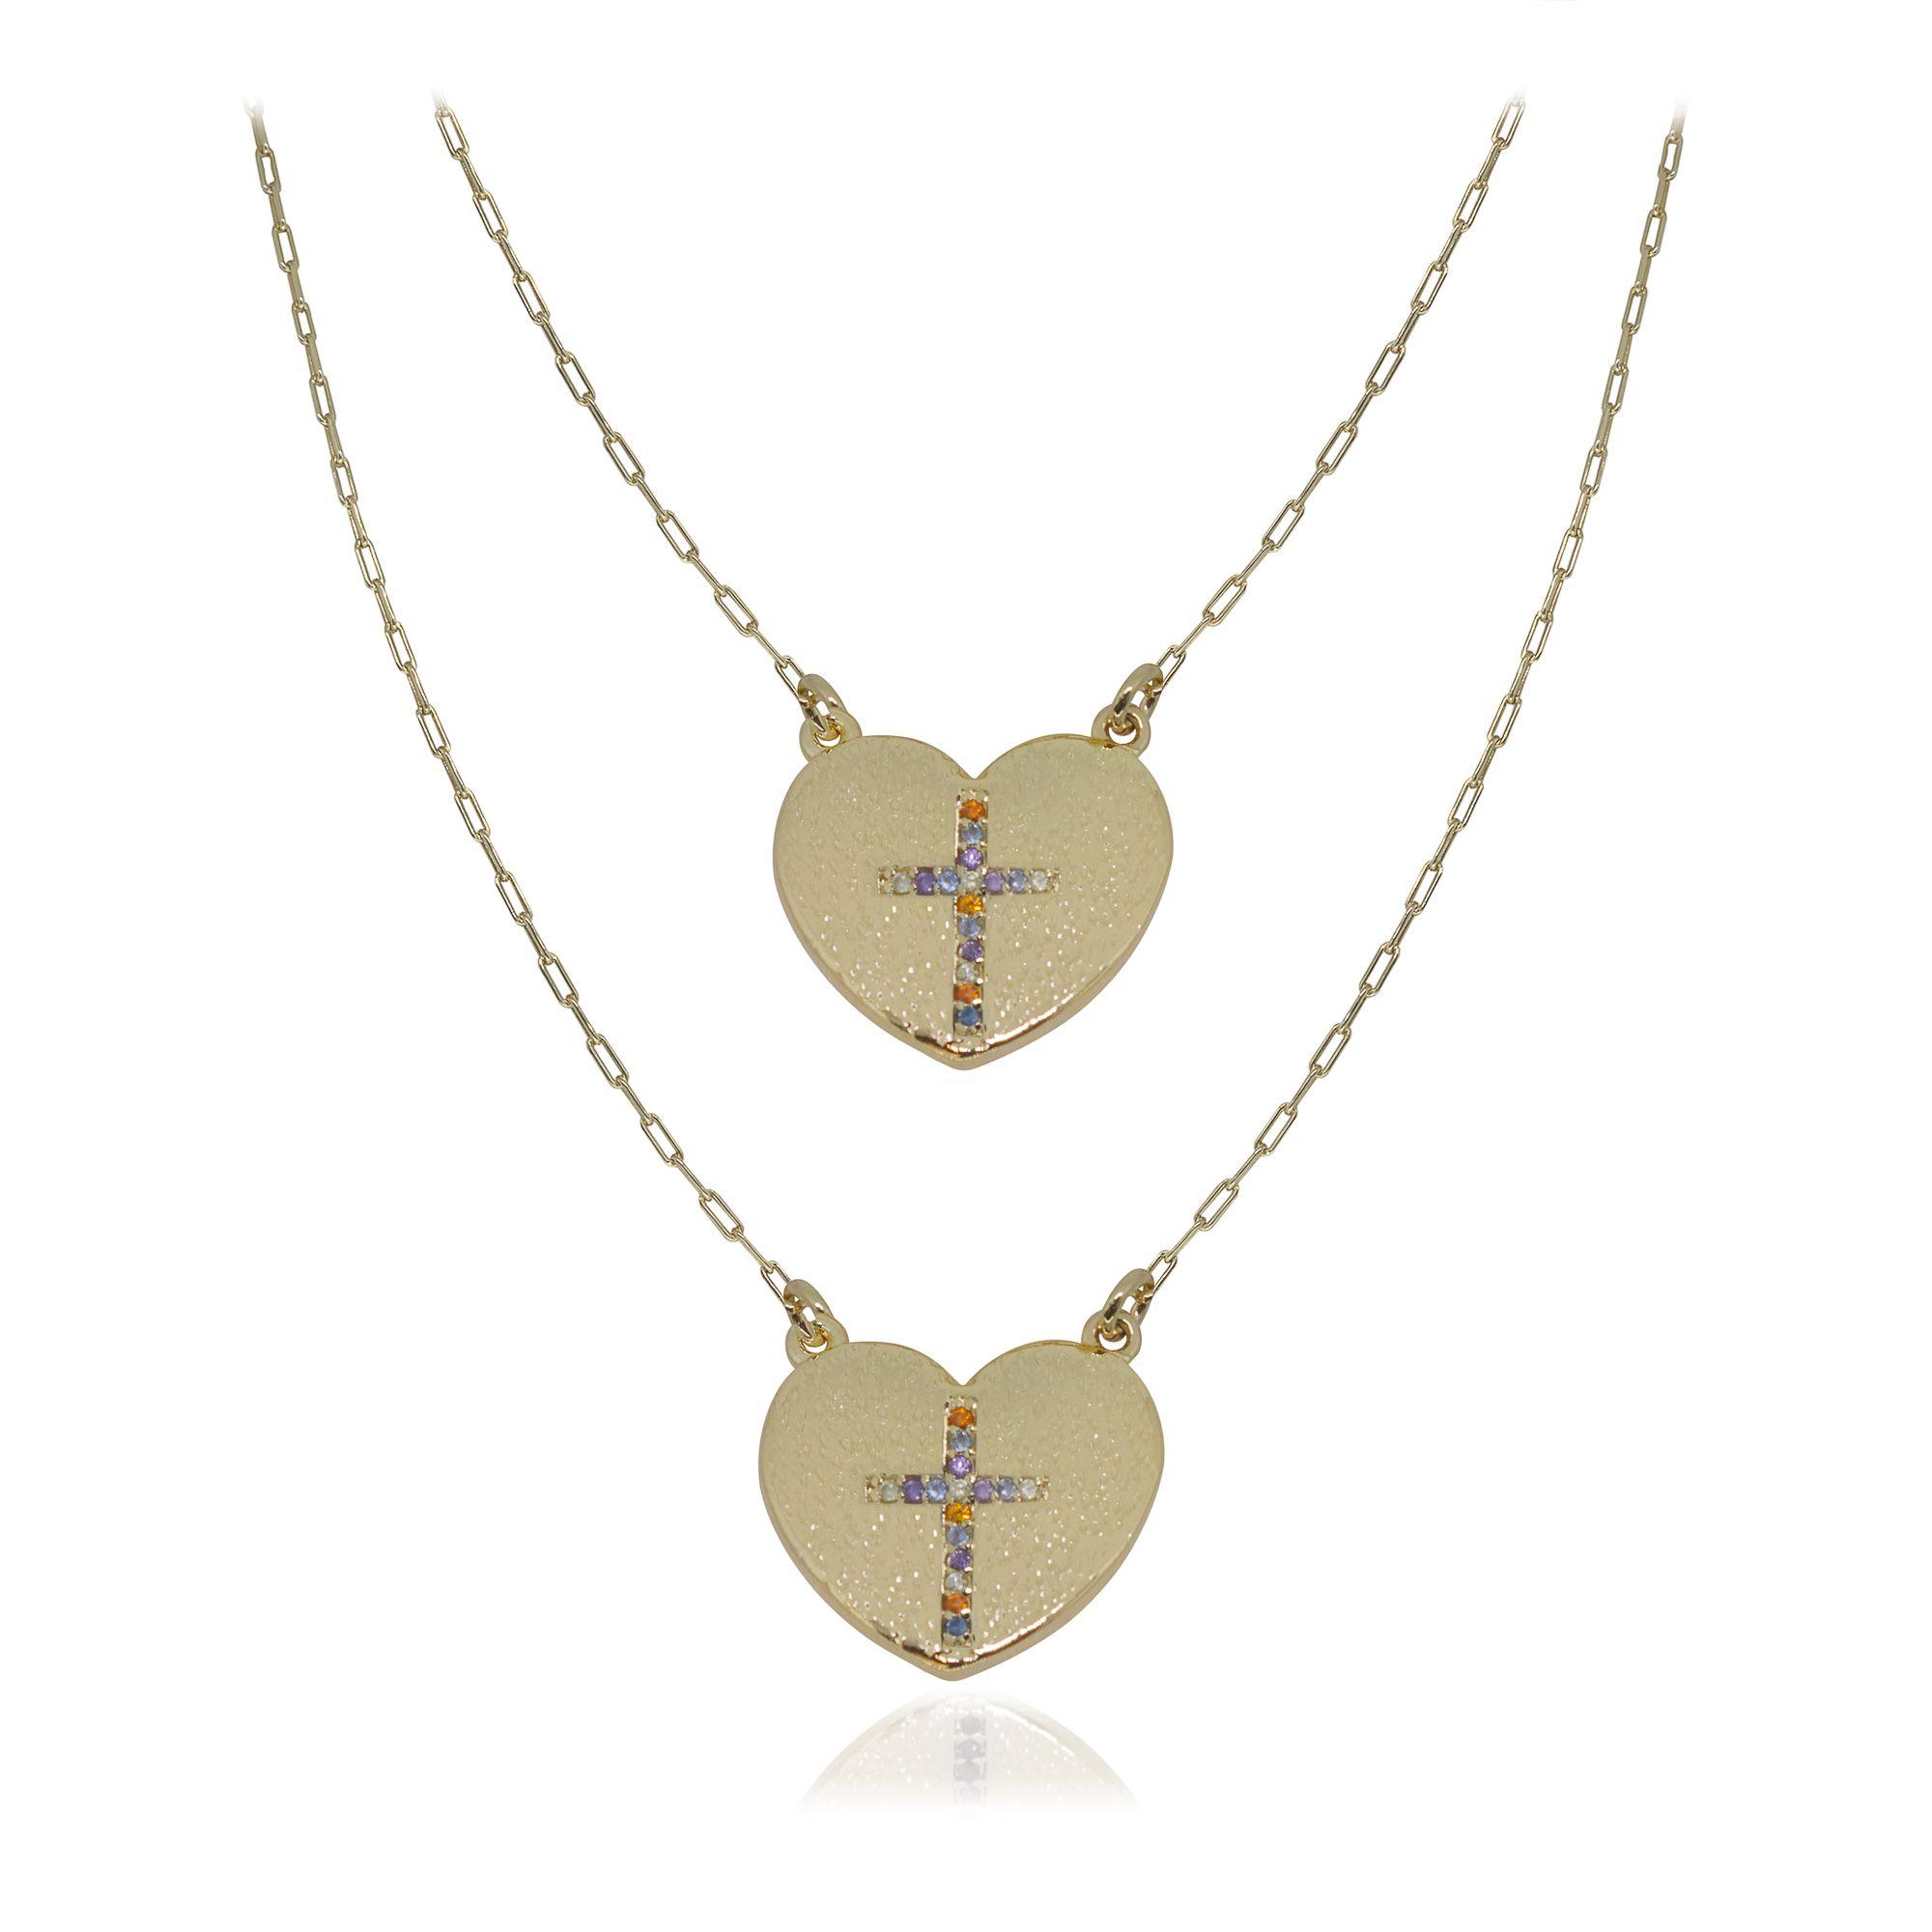 Escapulário folheado semijoia Dois corações e cruz cravejado